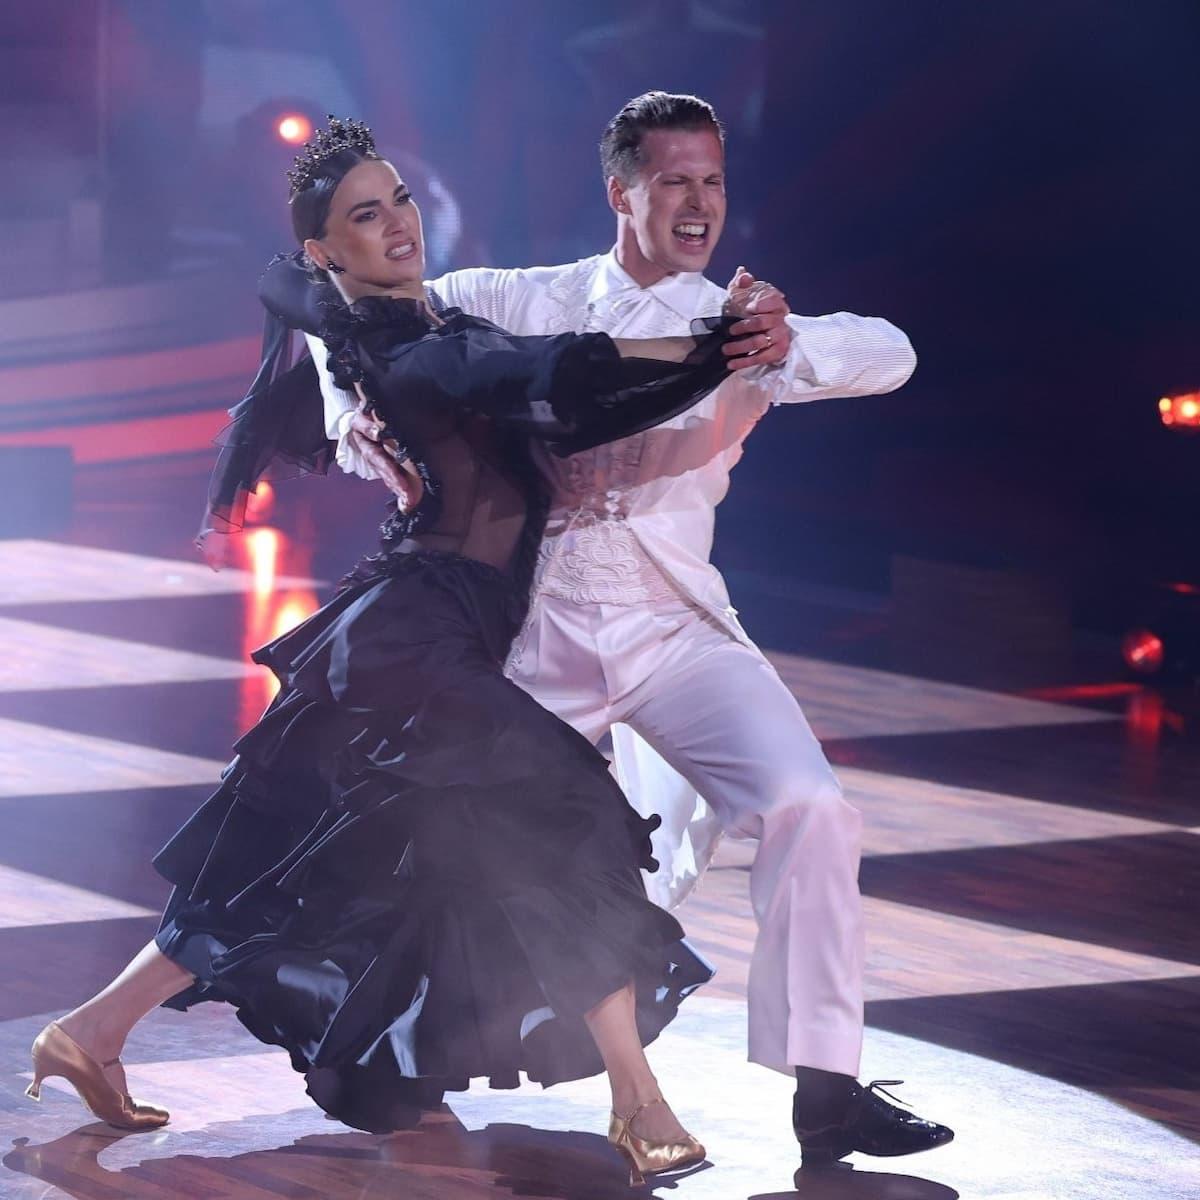 Sieger Lets dance Profi-Challenge 2021 Renata Lusin und Valentin Lusin